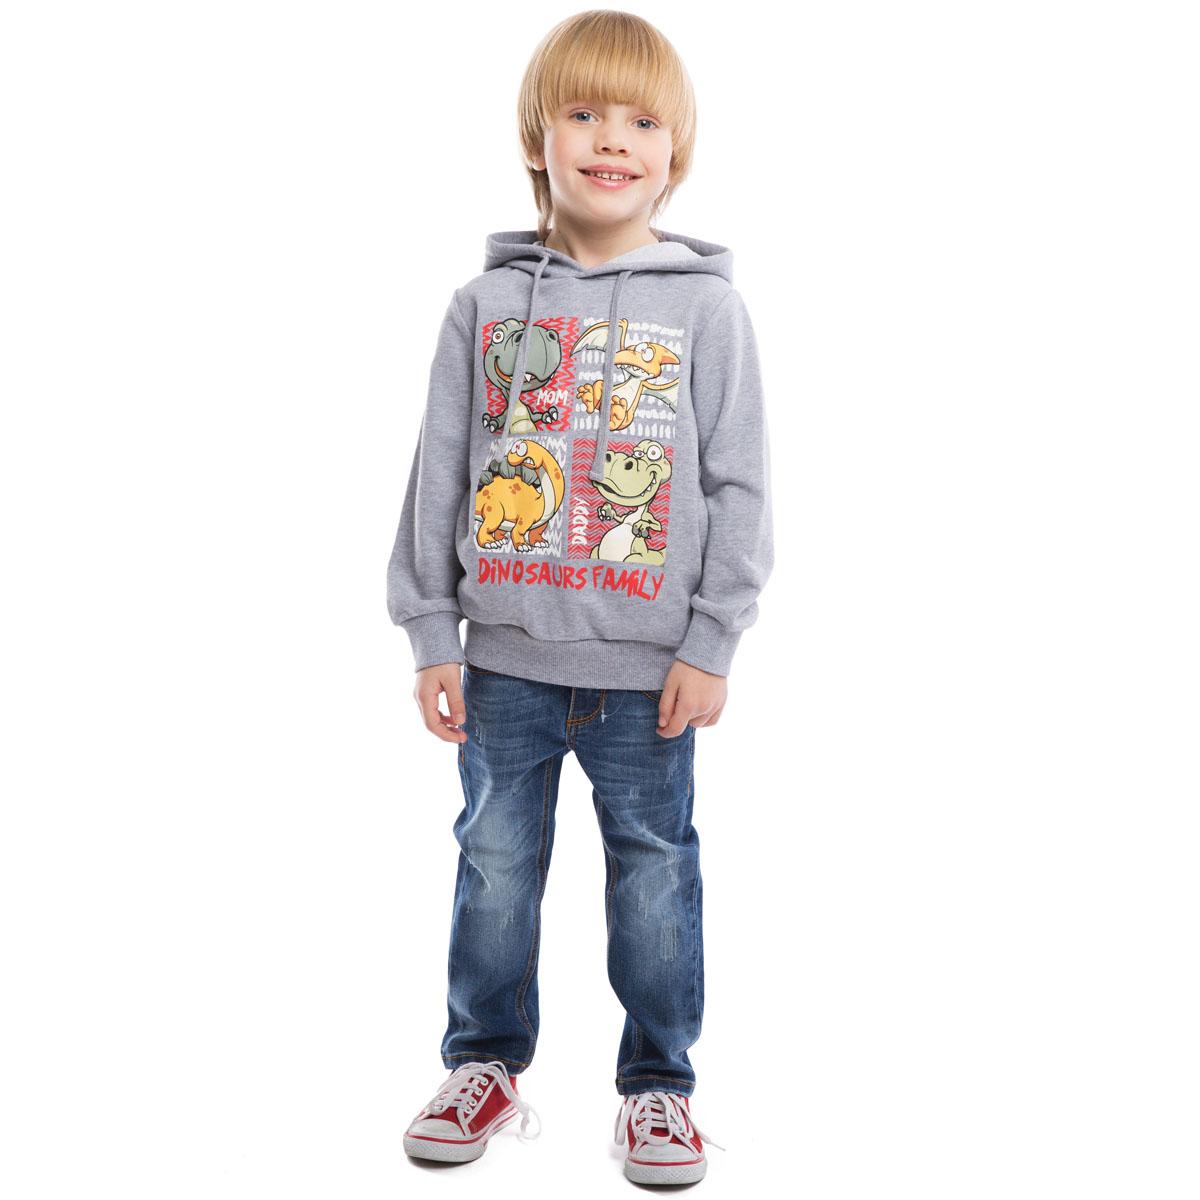 Толстовка для мальчика. 261001261001Стильная толстовка для мальчика PlayToday идеально подойдет вашему маленькому моднику в прохладные дни. Изготовленная из хлопка с добавлением полиэстера, она необычайно мягкая и приятная на ощупь, не сковывает движения и позволяет коже дышать, не раздражает даже самую нежную и чувствительную кожу ребенка, обеспечивая ему наибольший комфорт. Толстовка с длинными рукавами и несъемным капюшоном на кулиске оформлена резиновым принтом в виде забавных динозавриков и надписями на английском языке. Рукава и низ изделия дополнены широкими трикотажными резинками. По бокам имеются два прорезных кармана. Оригинальный современный дизайн и расцветка делают эту толстовку модным и стильным предметом детского гардероба. В ней ваш ребенок будет чувствовать себя уютно и комфортно и всегда будет в центре внимания!